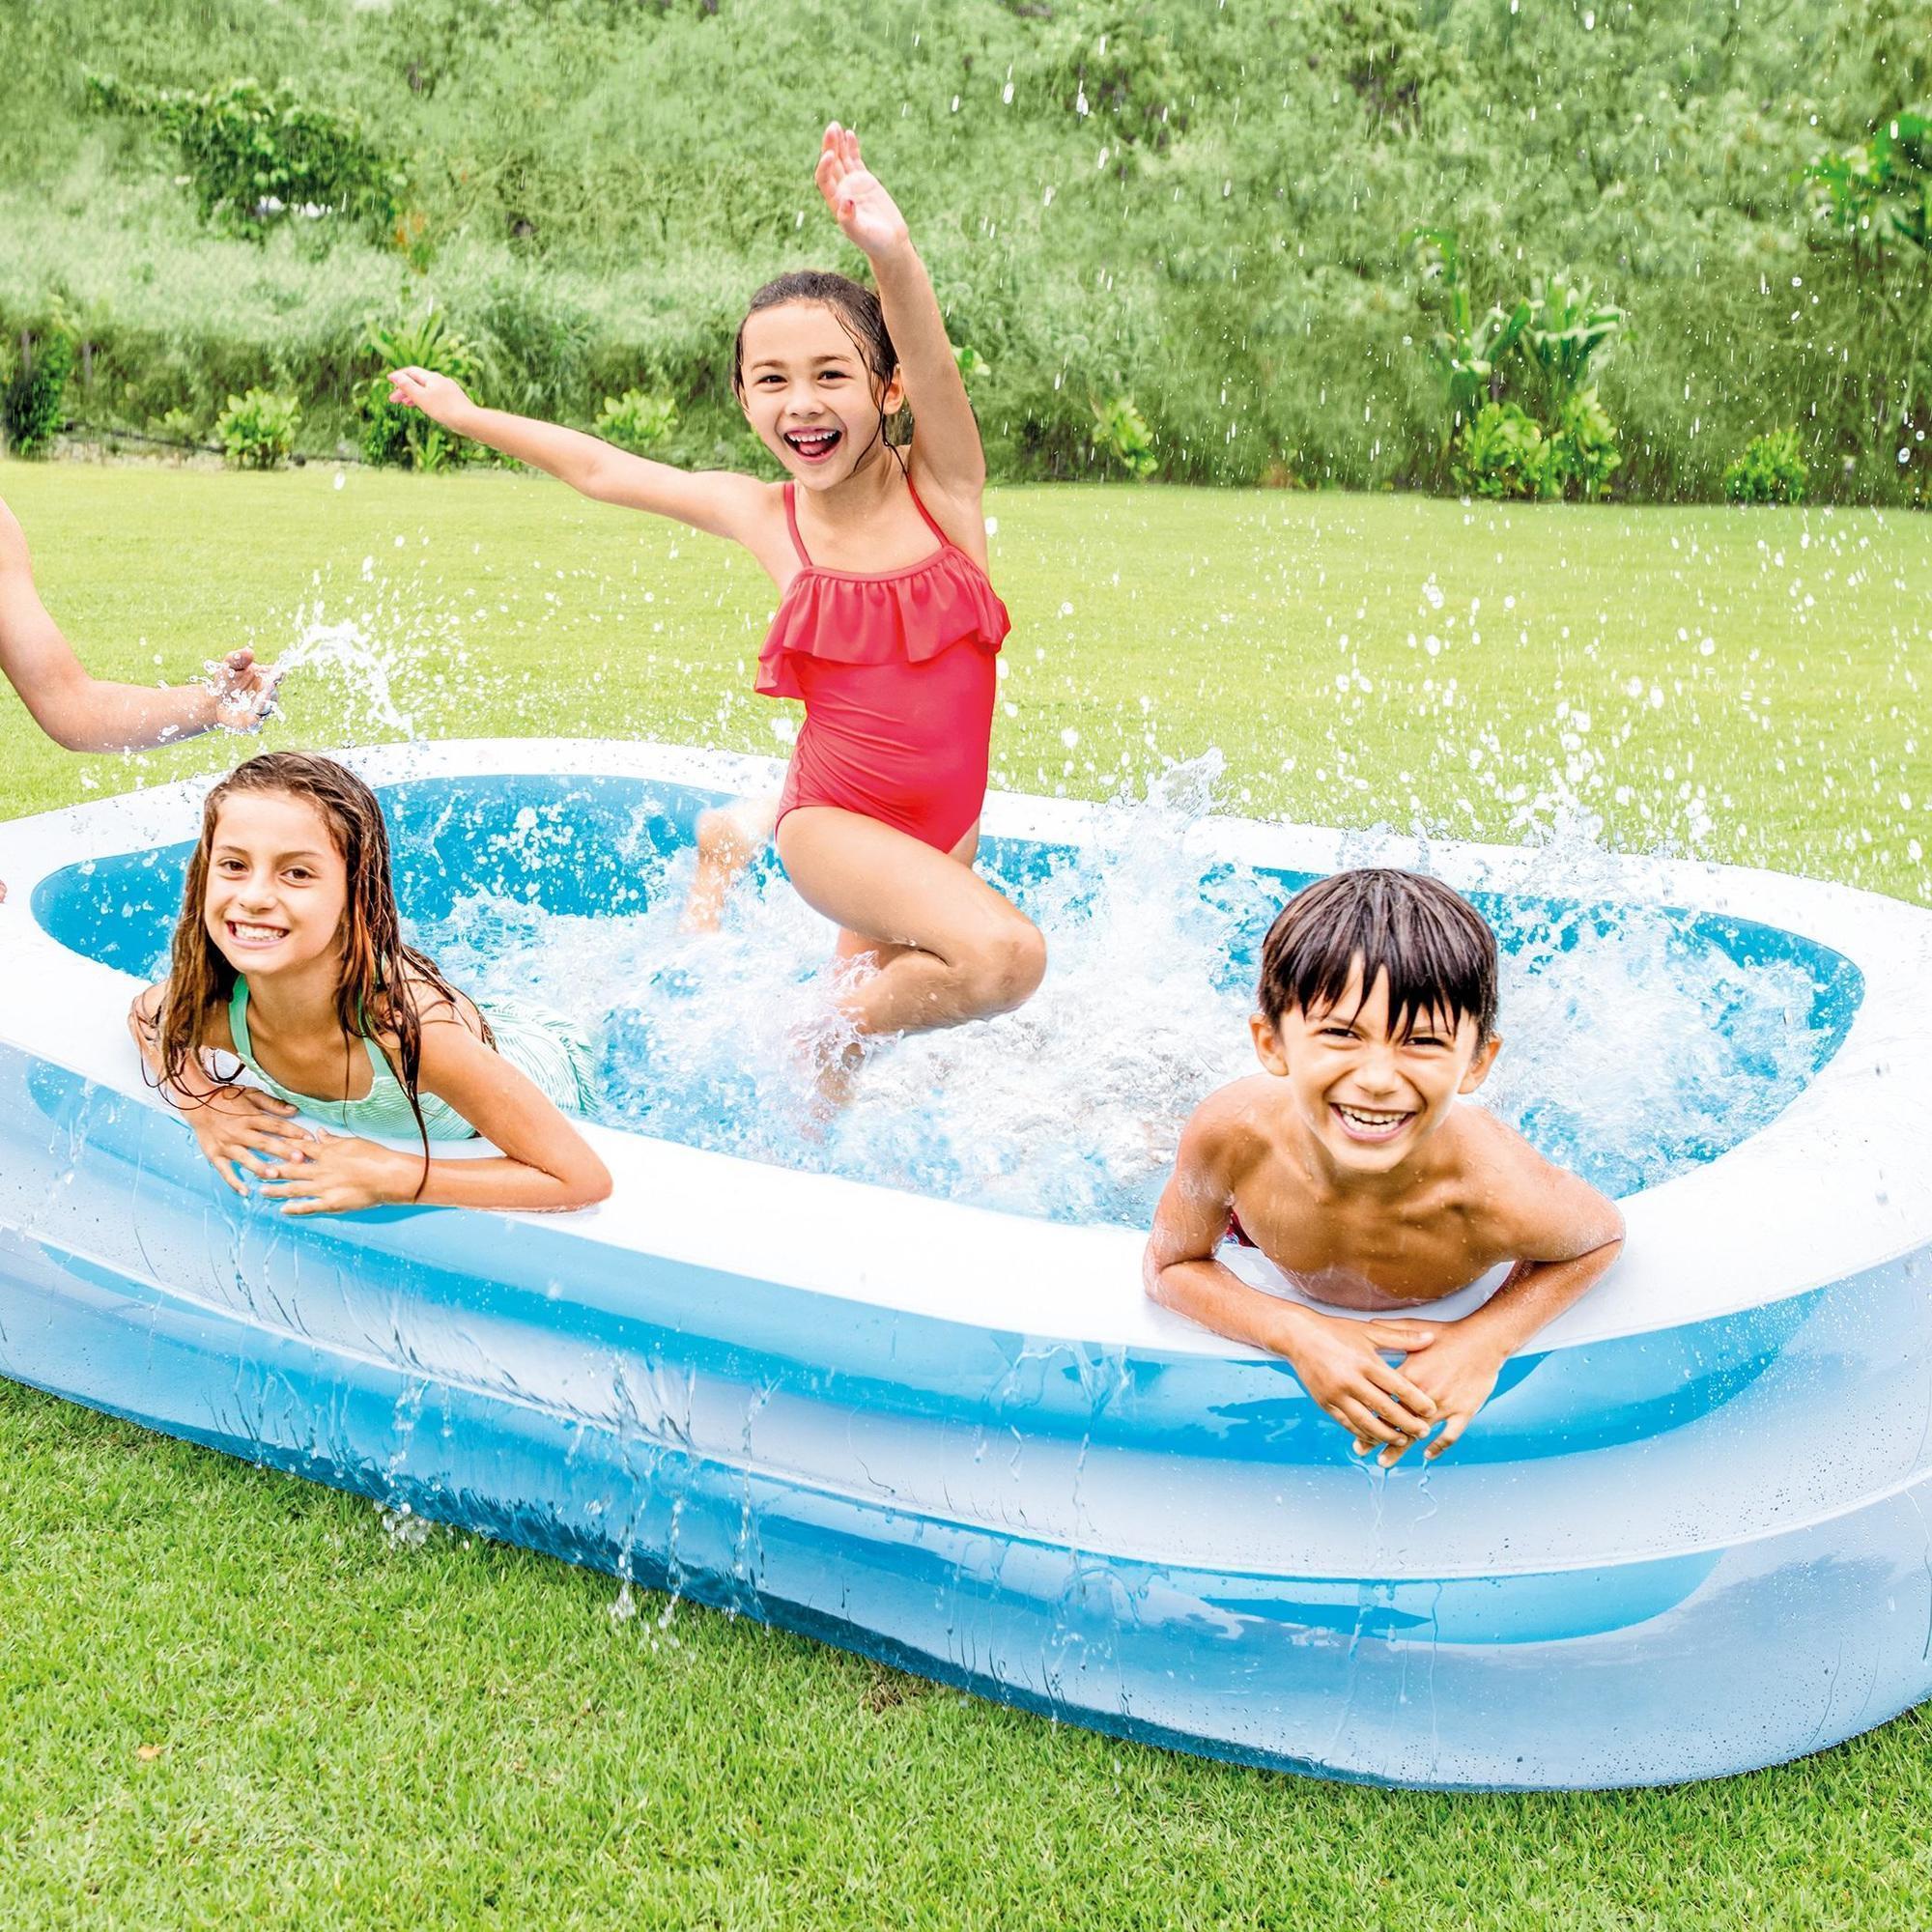 Grande Piscine Gongflable Intex Pour Enfants Et Adultes à Piscine Enfant Intex